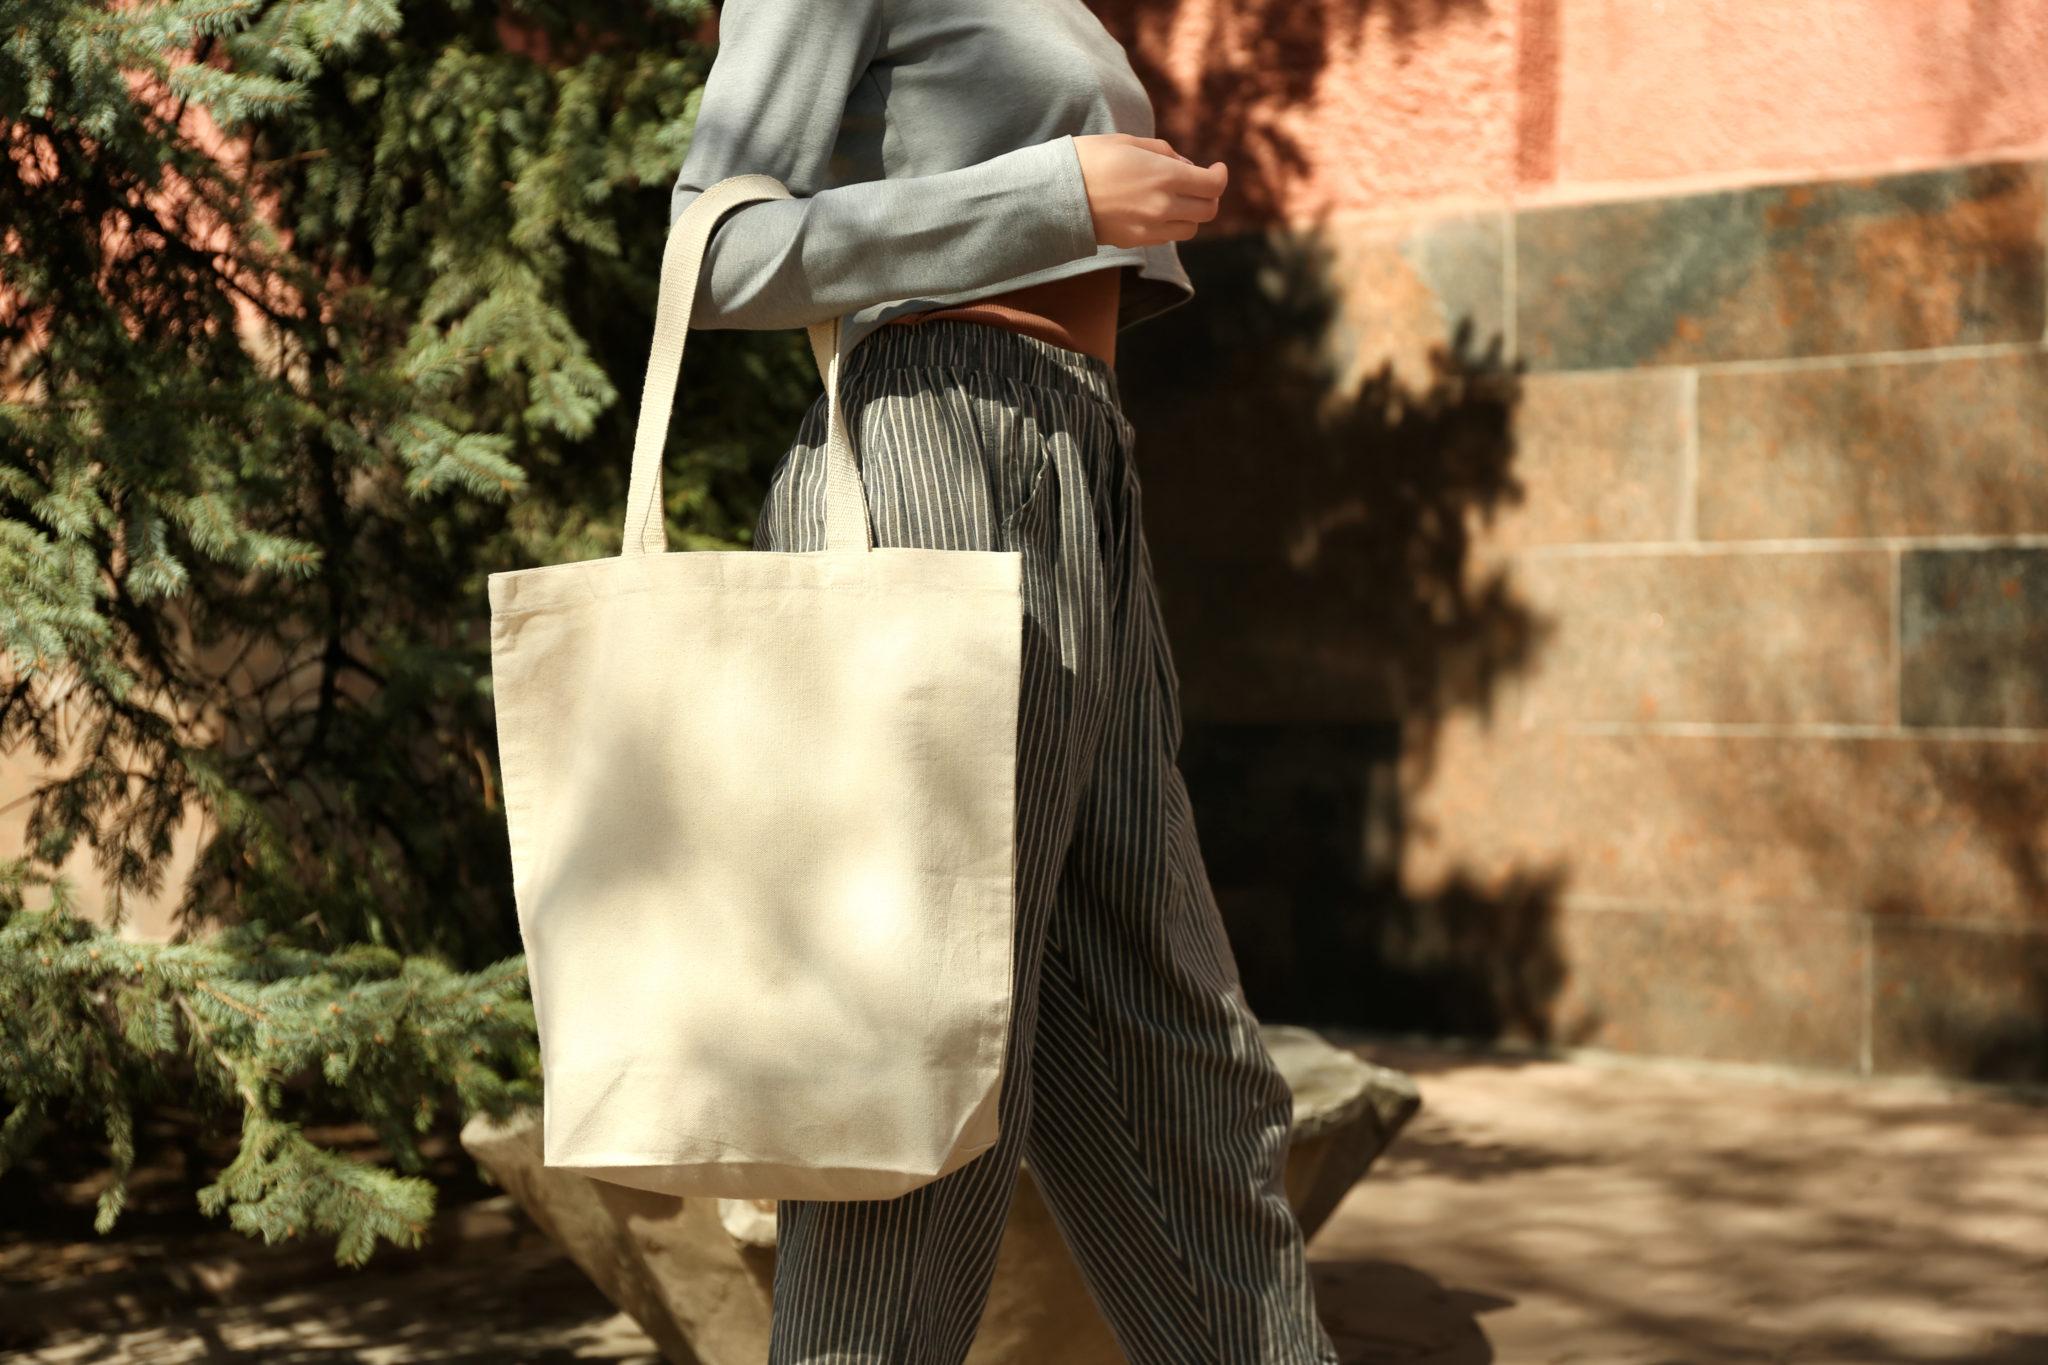 młoda kobieta idąca z bawełnianą torbą na zakupy